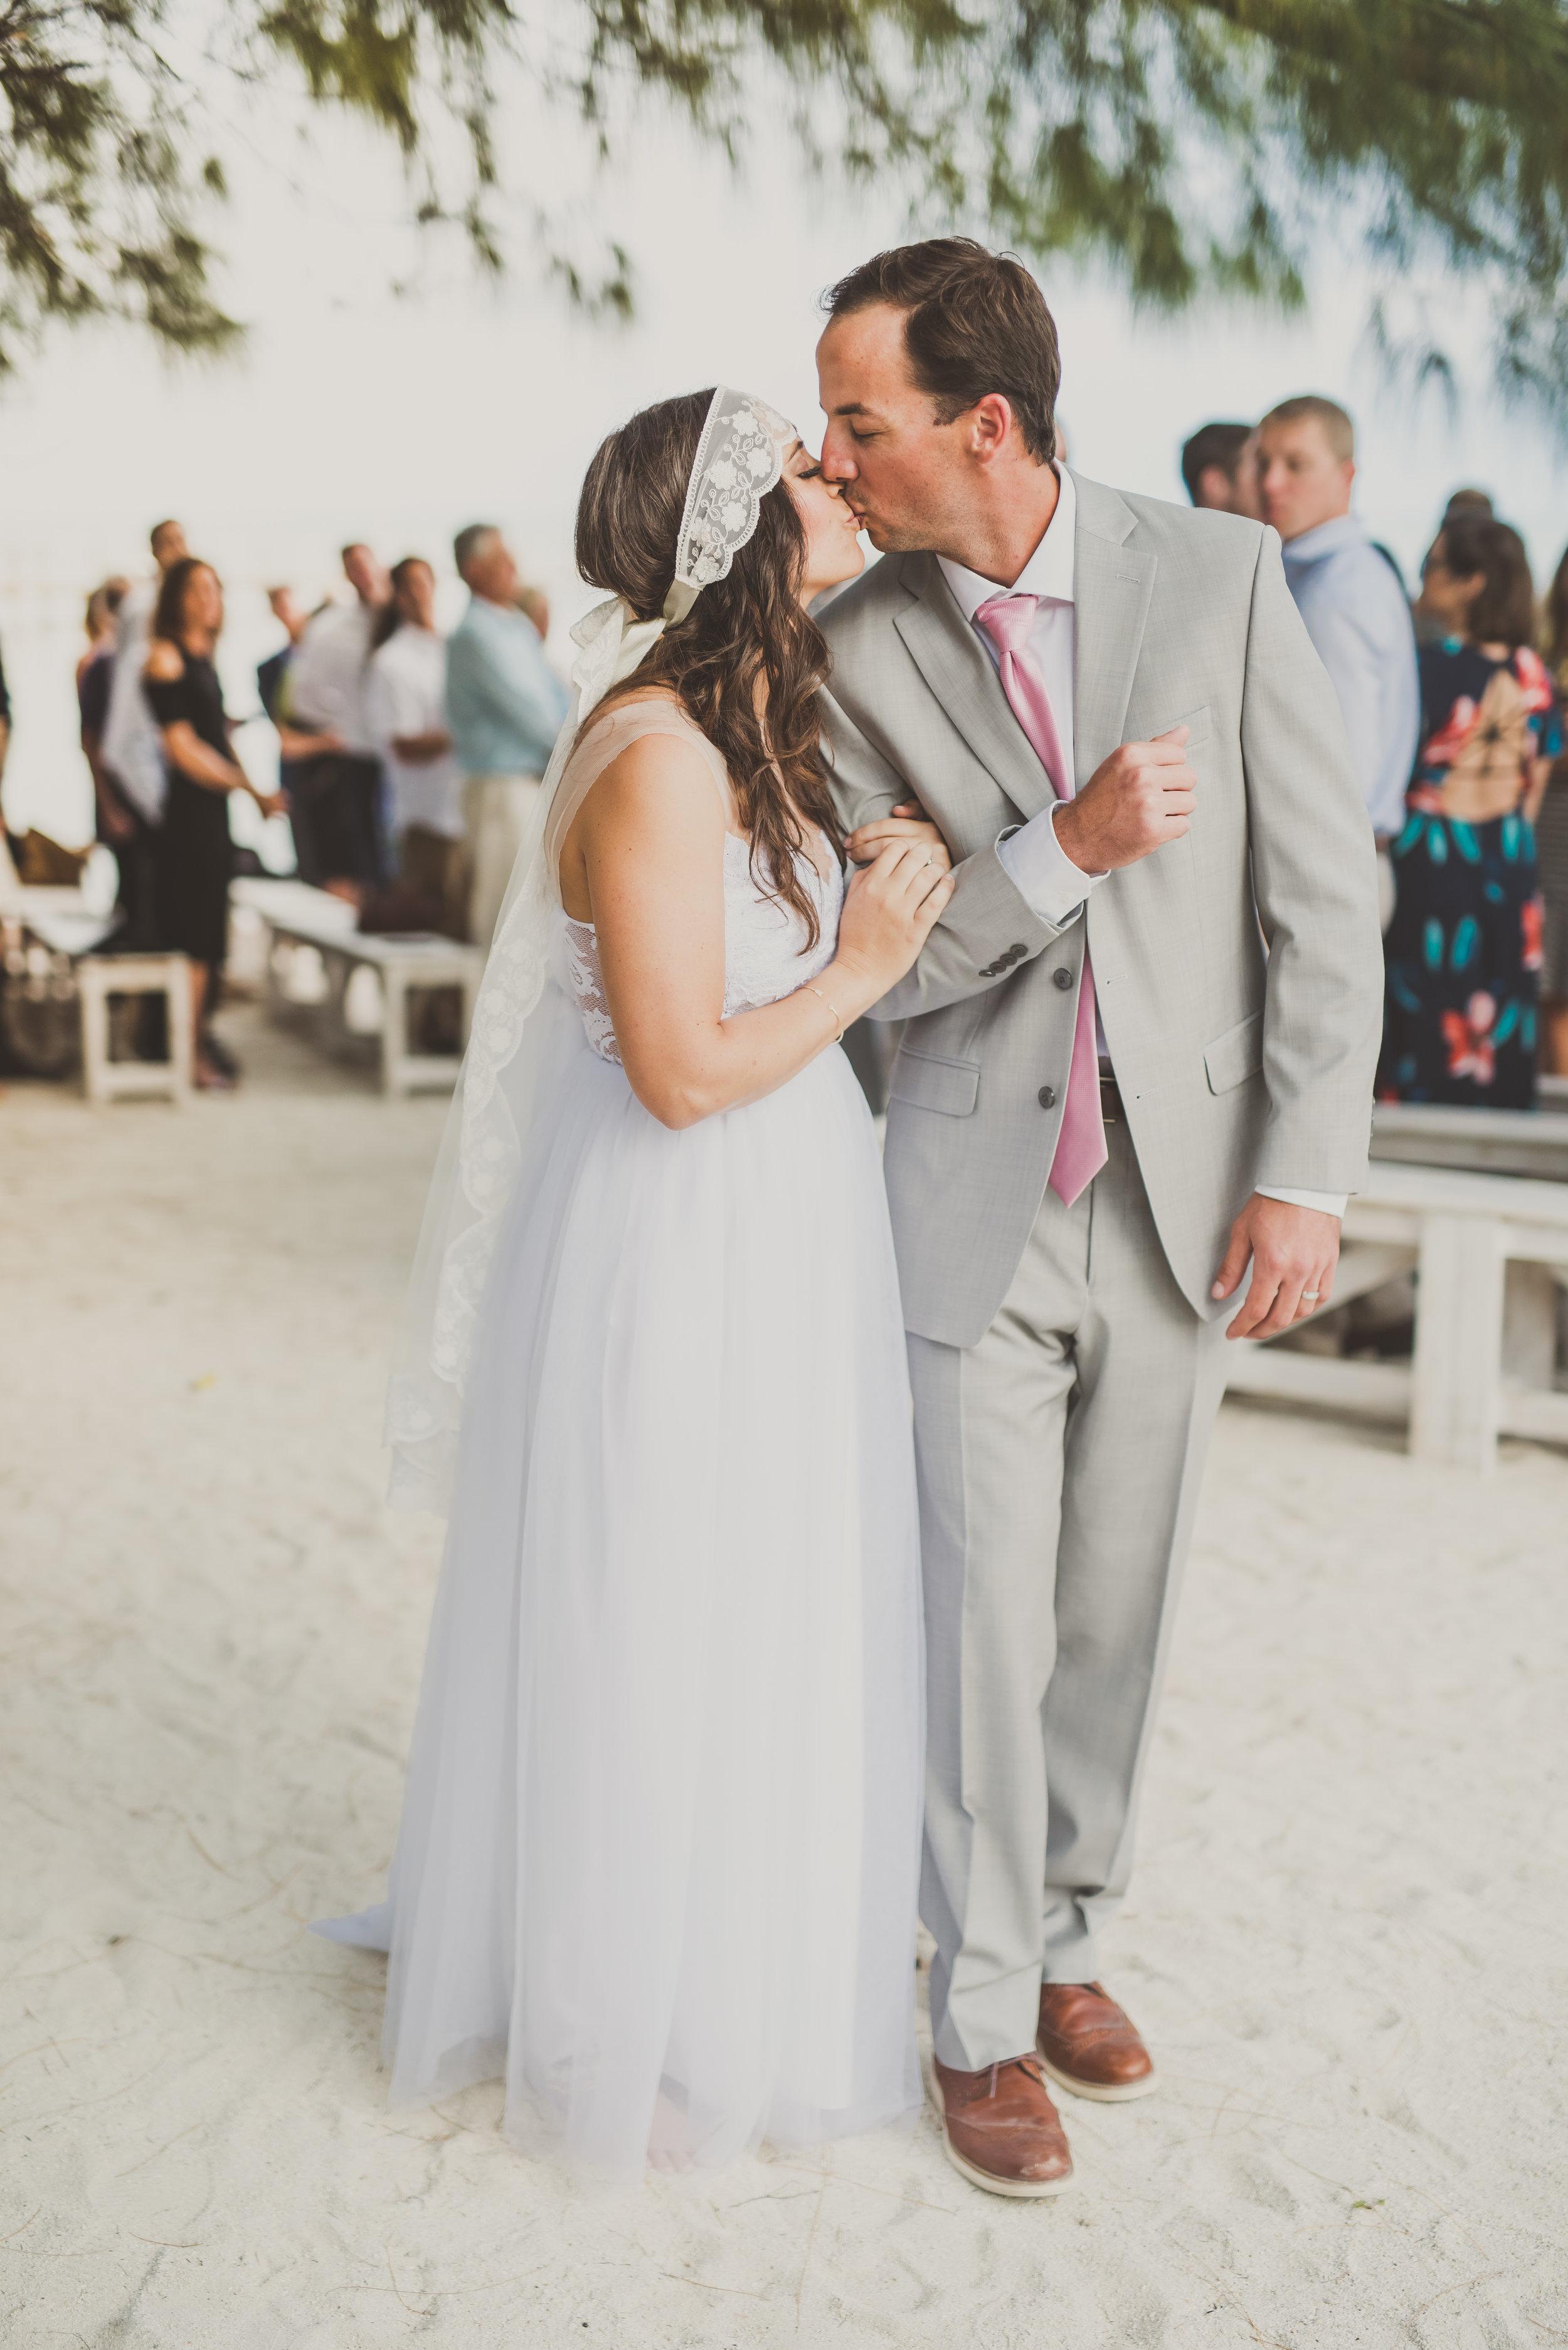 Adrienne&Caleb'sWedding | Highlights-0147.jpg